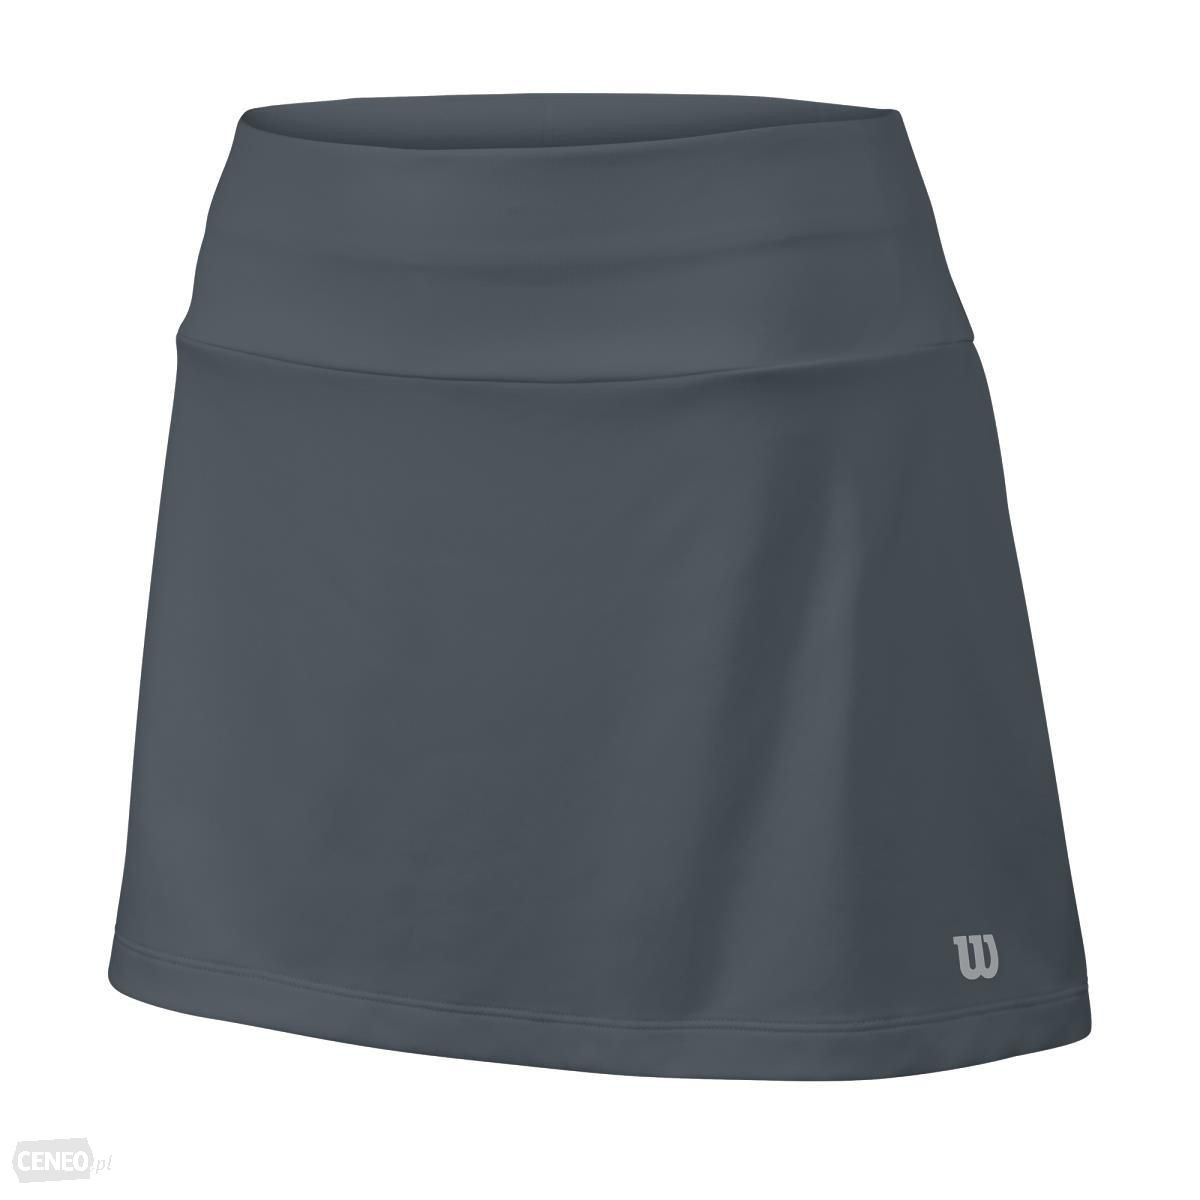 Spódniczka tenisowa Wilson Core Skirt - wyprzedaż!